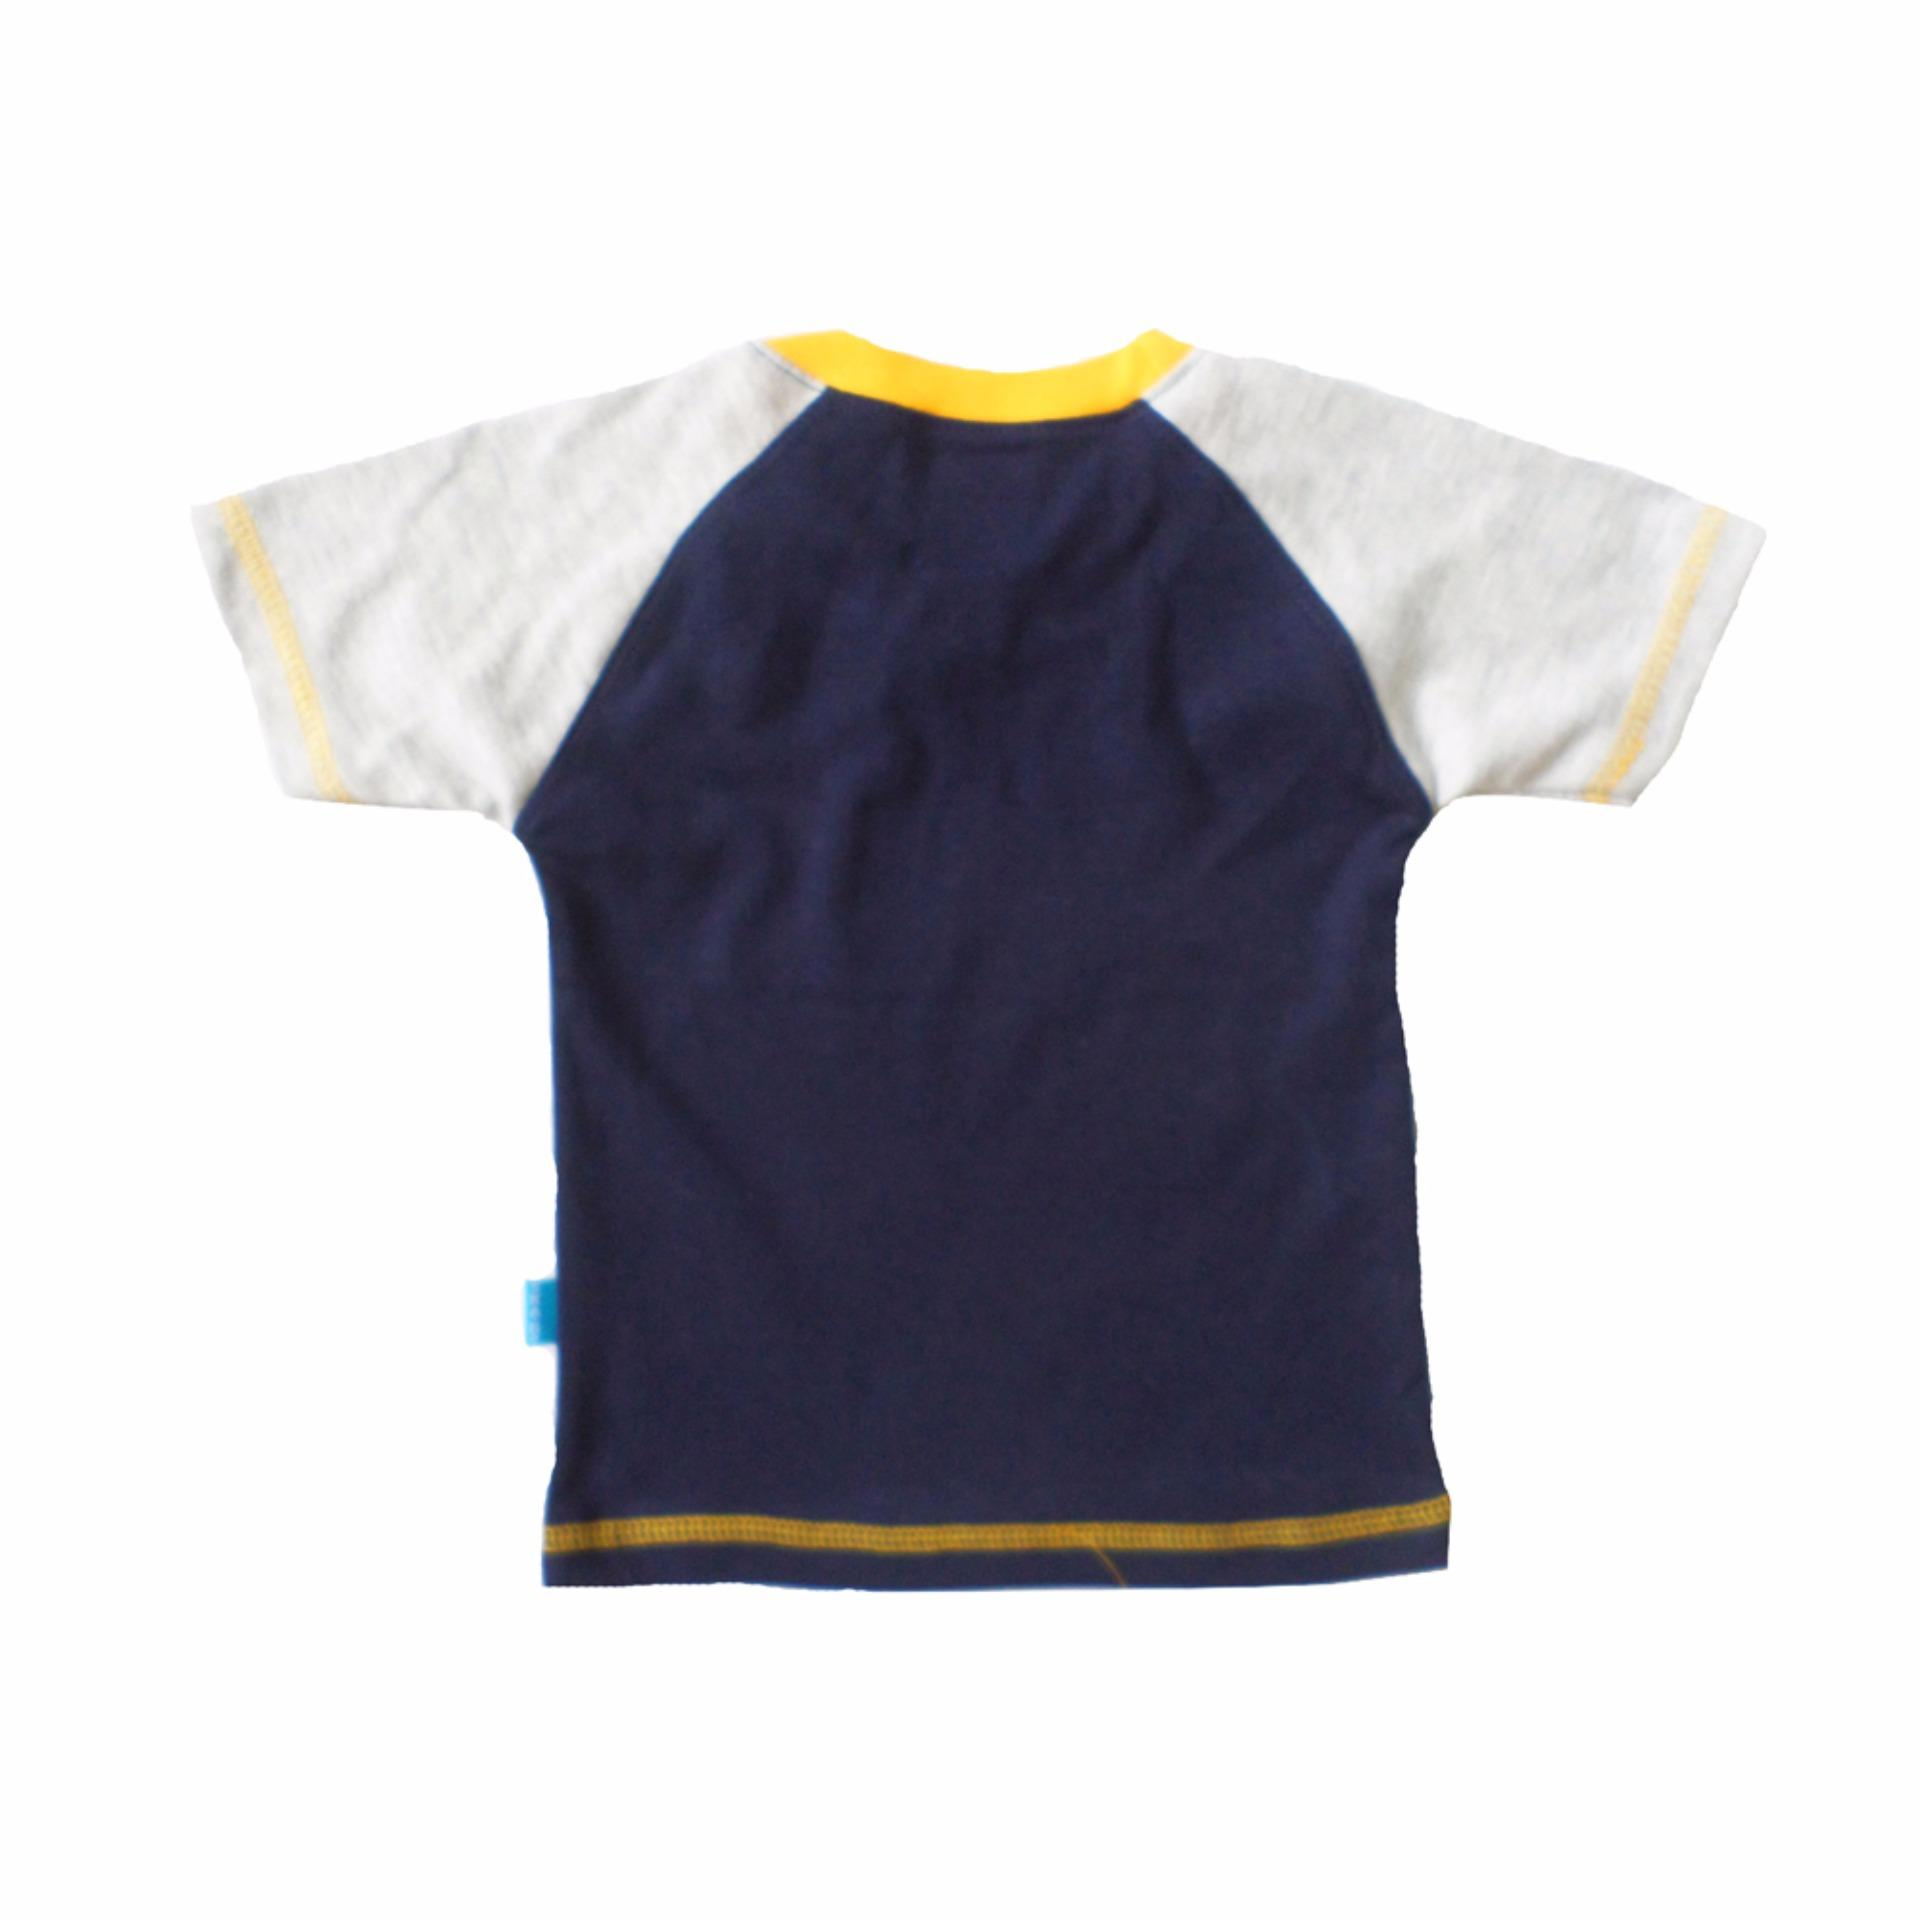 Skabe Baju Anak Bayi Warna Tua Tangan Pendek Stelan Jeans 2000-Navy .